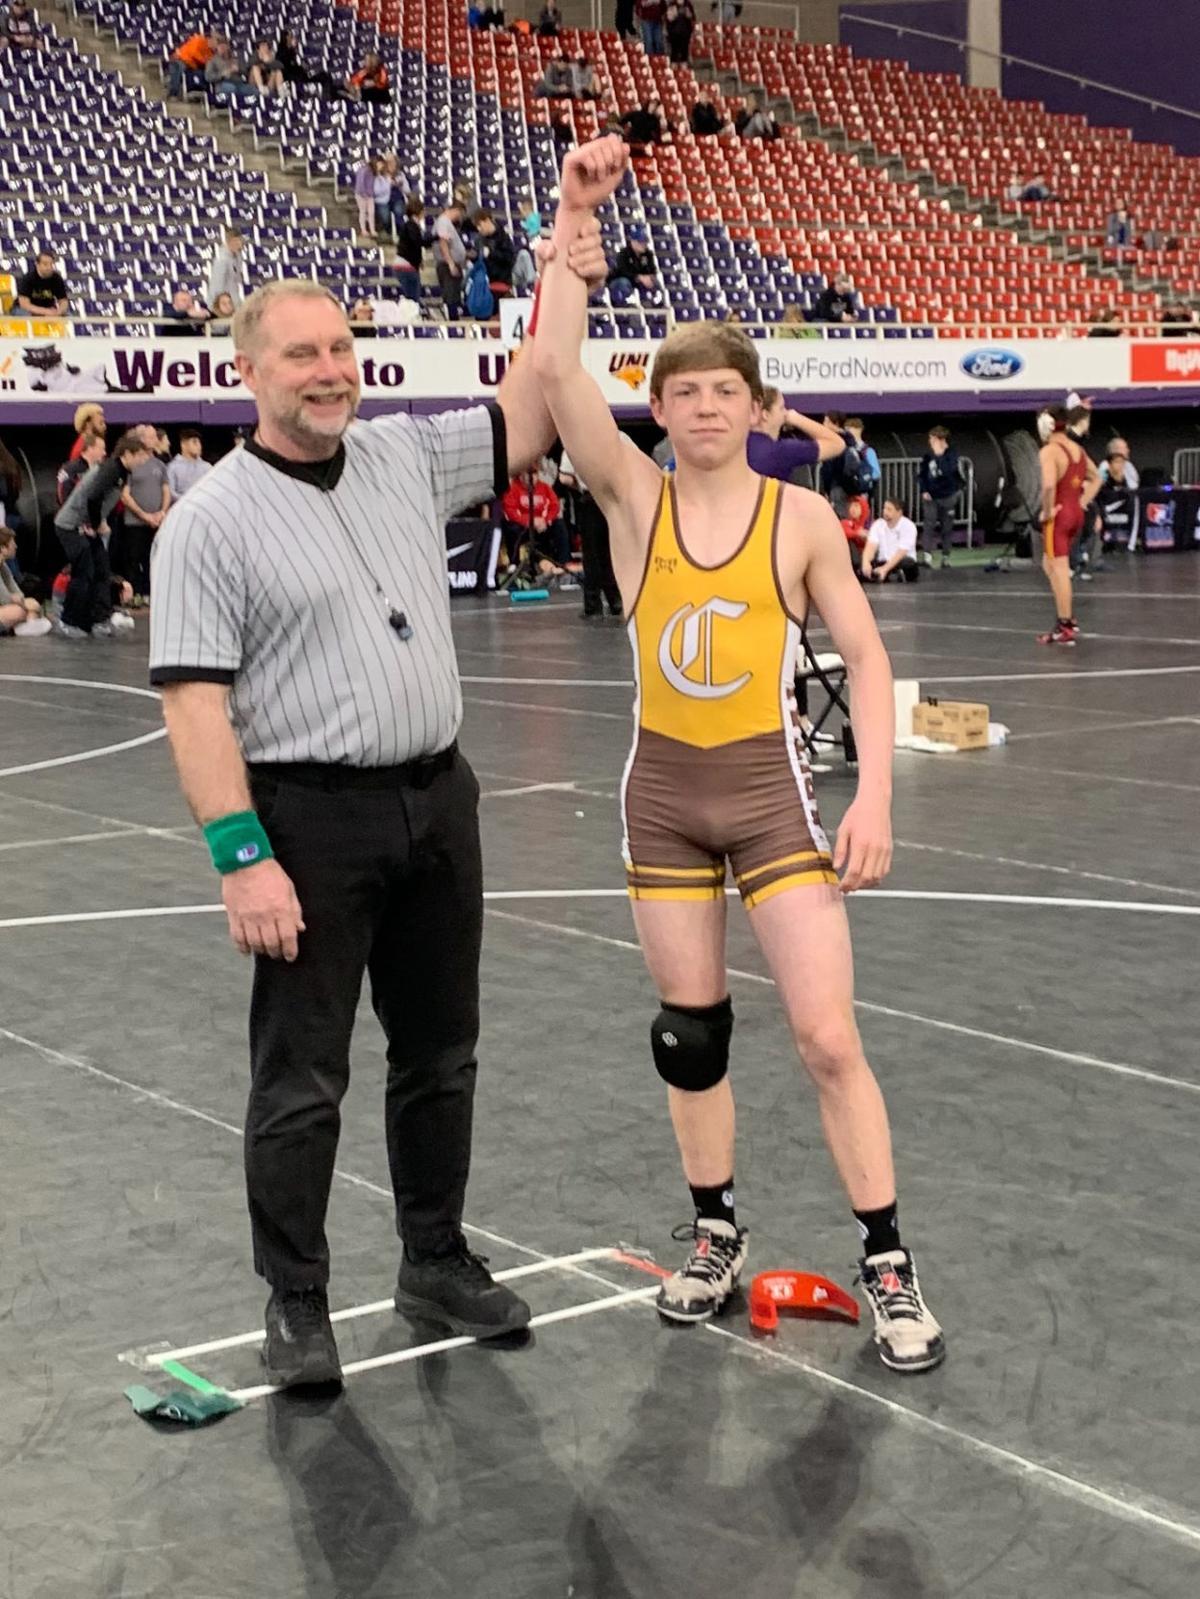 Helena Capital wrestler Carson DesRosier